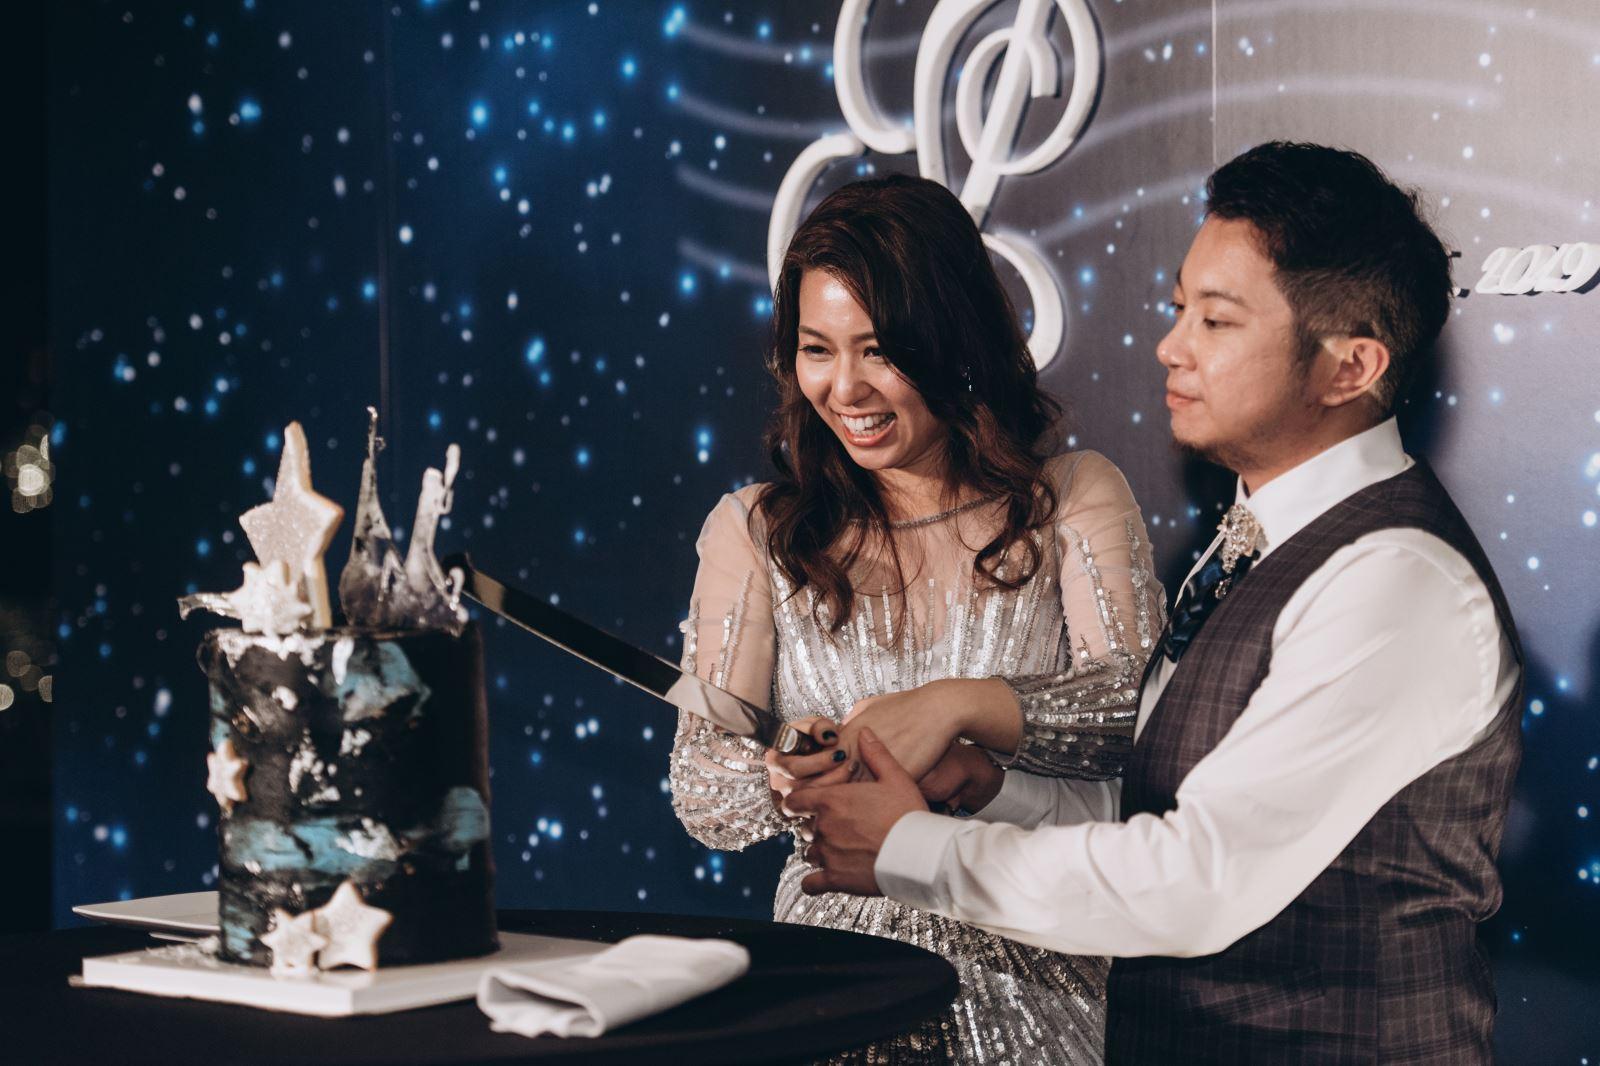 客製化結婚蛋糕,TWOinONE婚禮創意工作室也客製了你的婚禮故事